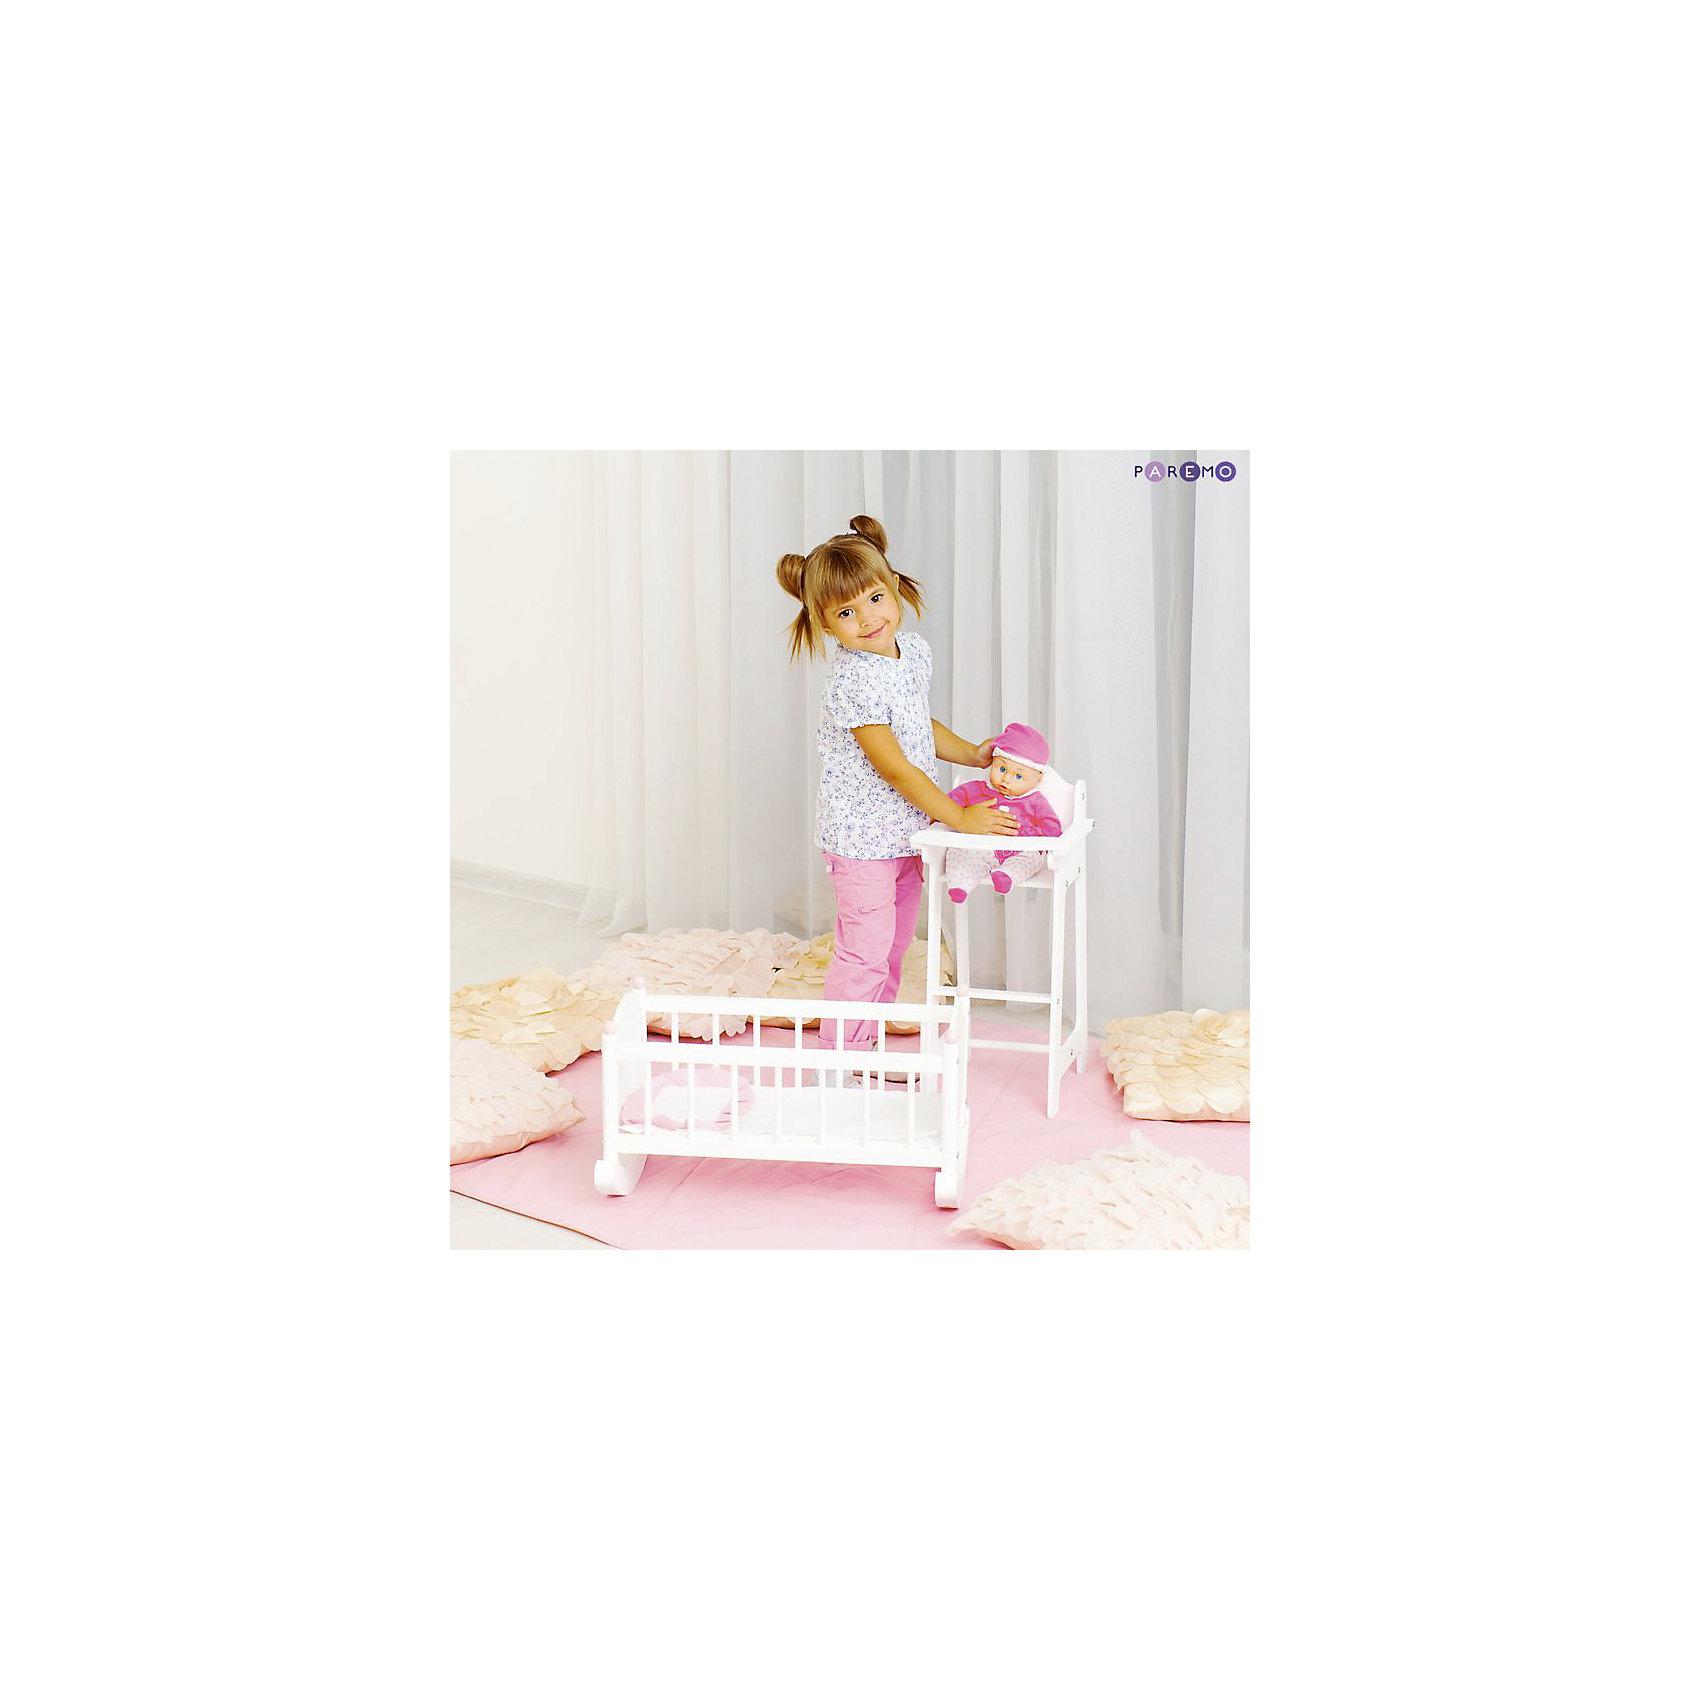 Набор кукольной мебели Стул+люлька, белый, PAREMOМебель для кукол<br>Характеристики товара:<br><br>• возраст: от 3 лет;<br>• материал: дерево, МДФ, текстиль;<br>• в комплекте: кровать, матрас, подушка, одеяло, стул;<br>• подходит для кукол высотой до 55 см;<br>• размер кровати: 60х31х29 см;<br>• размер стульчика: 55х31х26 см;<br>• размер упаковки: 65х35х15 см;<br>• вес упаковки: 4 кг;<br>• страна производитель: Россия.<br><br>Набор кукольной мебели Paremo белый включает в себя кроватку-люльку и стульчик для кормления. Набор подойдет для кукол до 55 см. С ним девочка будет устраивать разнообразные игры вместе с любимой куклой. Благодаря полозьям кроватку можно покачать, чтобы кукла быстрее уснула. <br><br>Для кормления предусмотрен удобный стульчик с поднимающимся столиком. Мебель изготовлена из натурального дерева, не имеет острых опасных элементов.<br><br>Набор кукольной мебели Paremo белый можно приобрести в нашем интернет-магазине.<br><br>Ширина мм: 650<br>Глубина мм: 350<br>Высота мм: 150<br>Вес г: 4000<br>Возраст от месяцев: 36<br>Возраст до месяцев: 2147483647<br>Пол: Женский<br>Возраст: Детский<br>SKU: 6725405